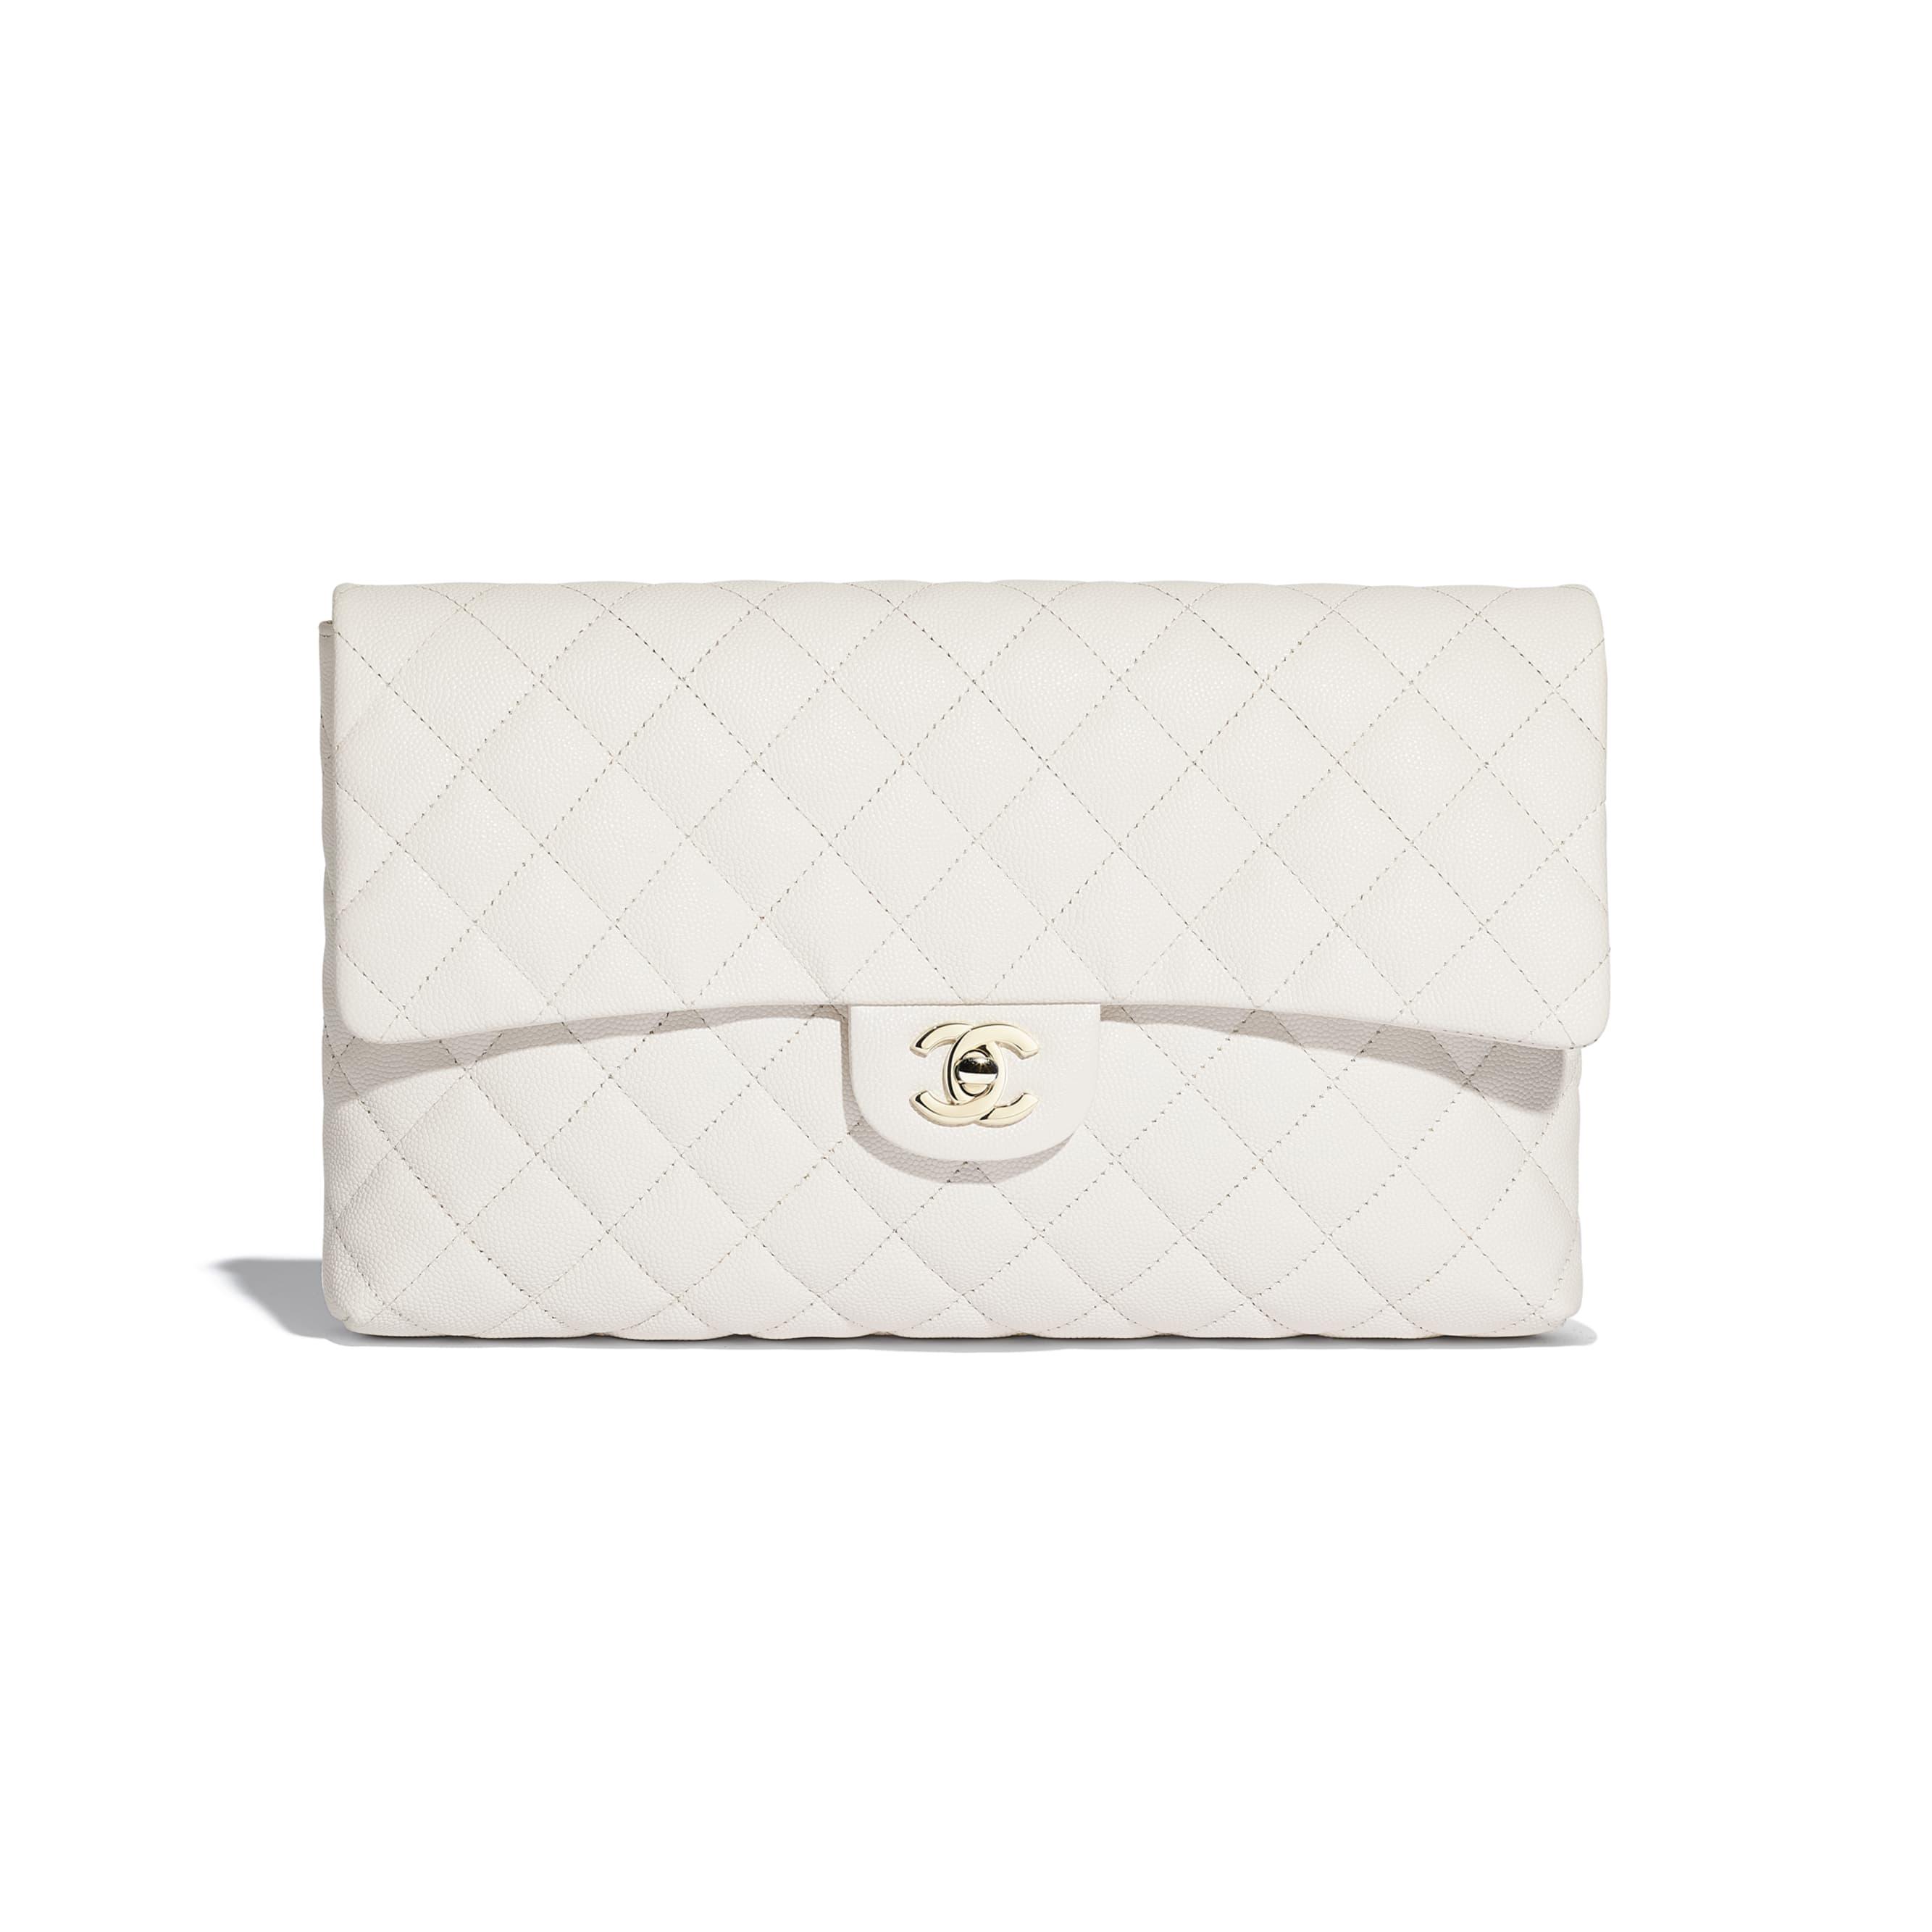 กระเป๋าคลัทช์ - สีขาว - หนังลูกวัวลายเกรน, โลหะสีทอง - มุมมองปัจจุบัน - ดูเวอร์ชันขนาดมาตรฐาน